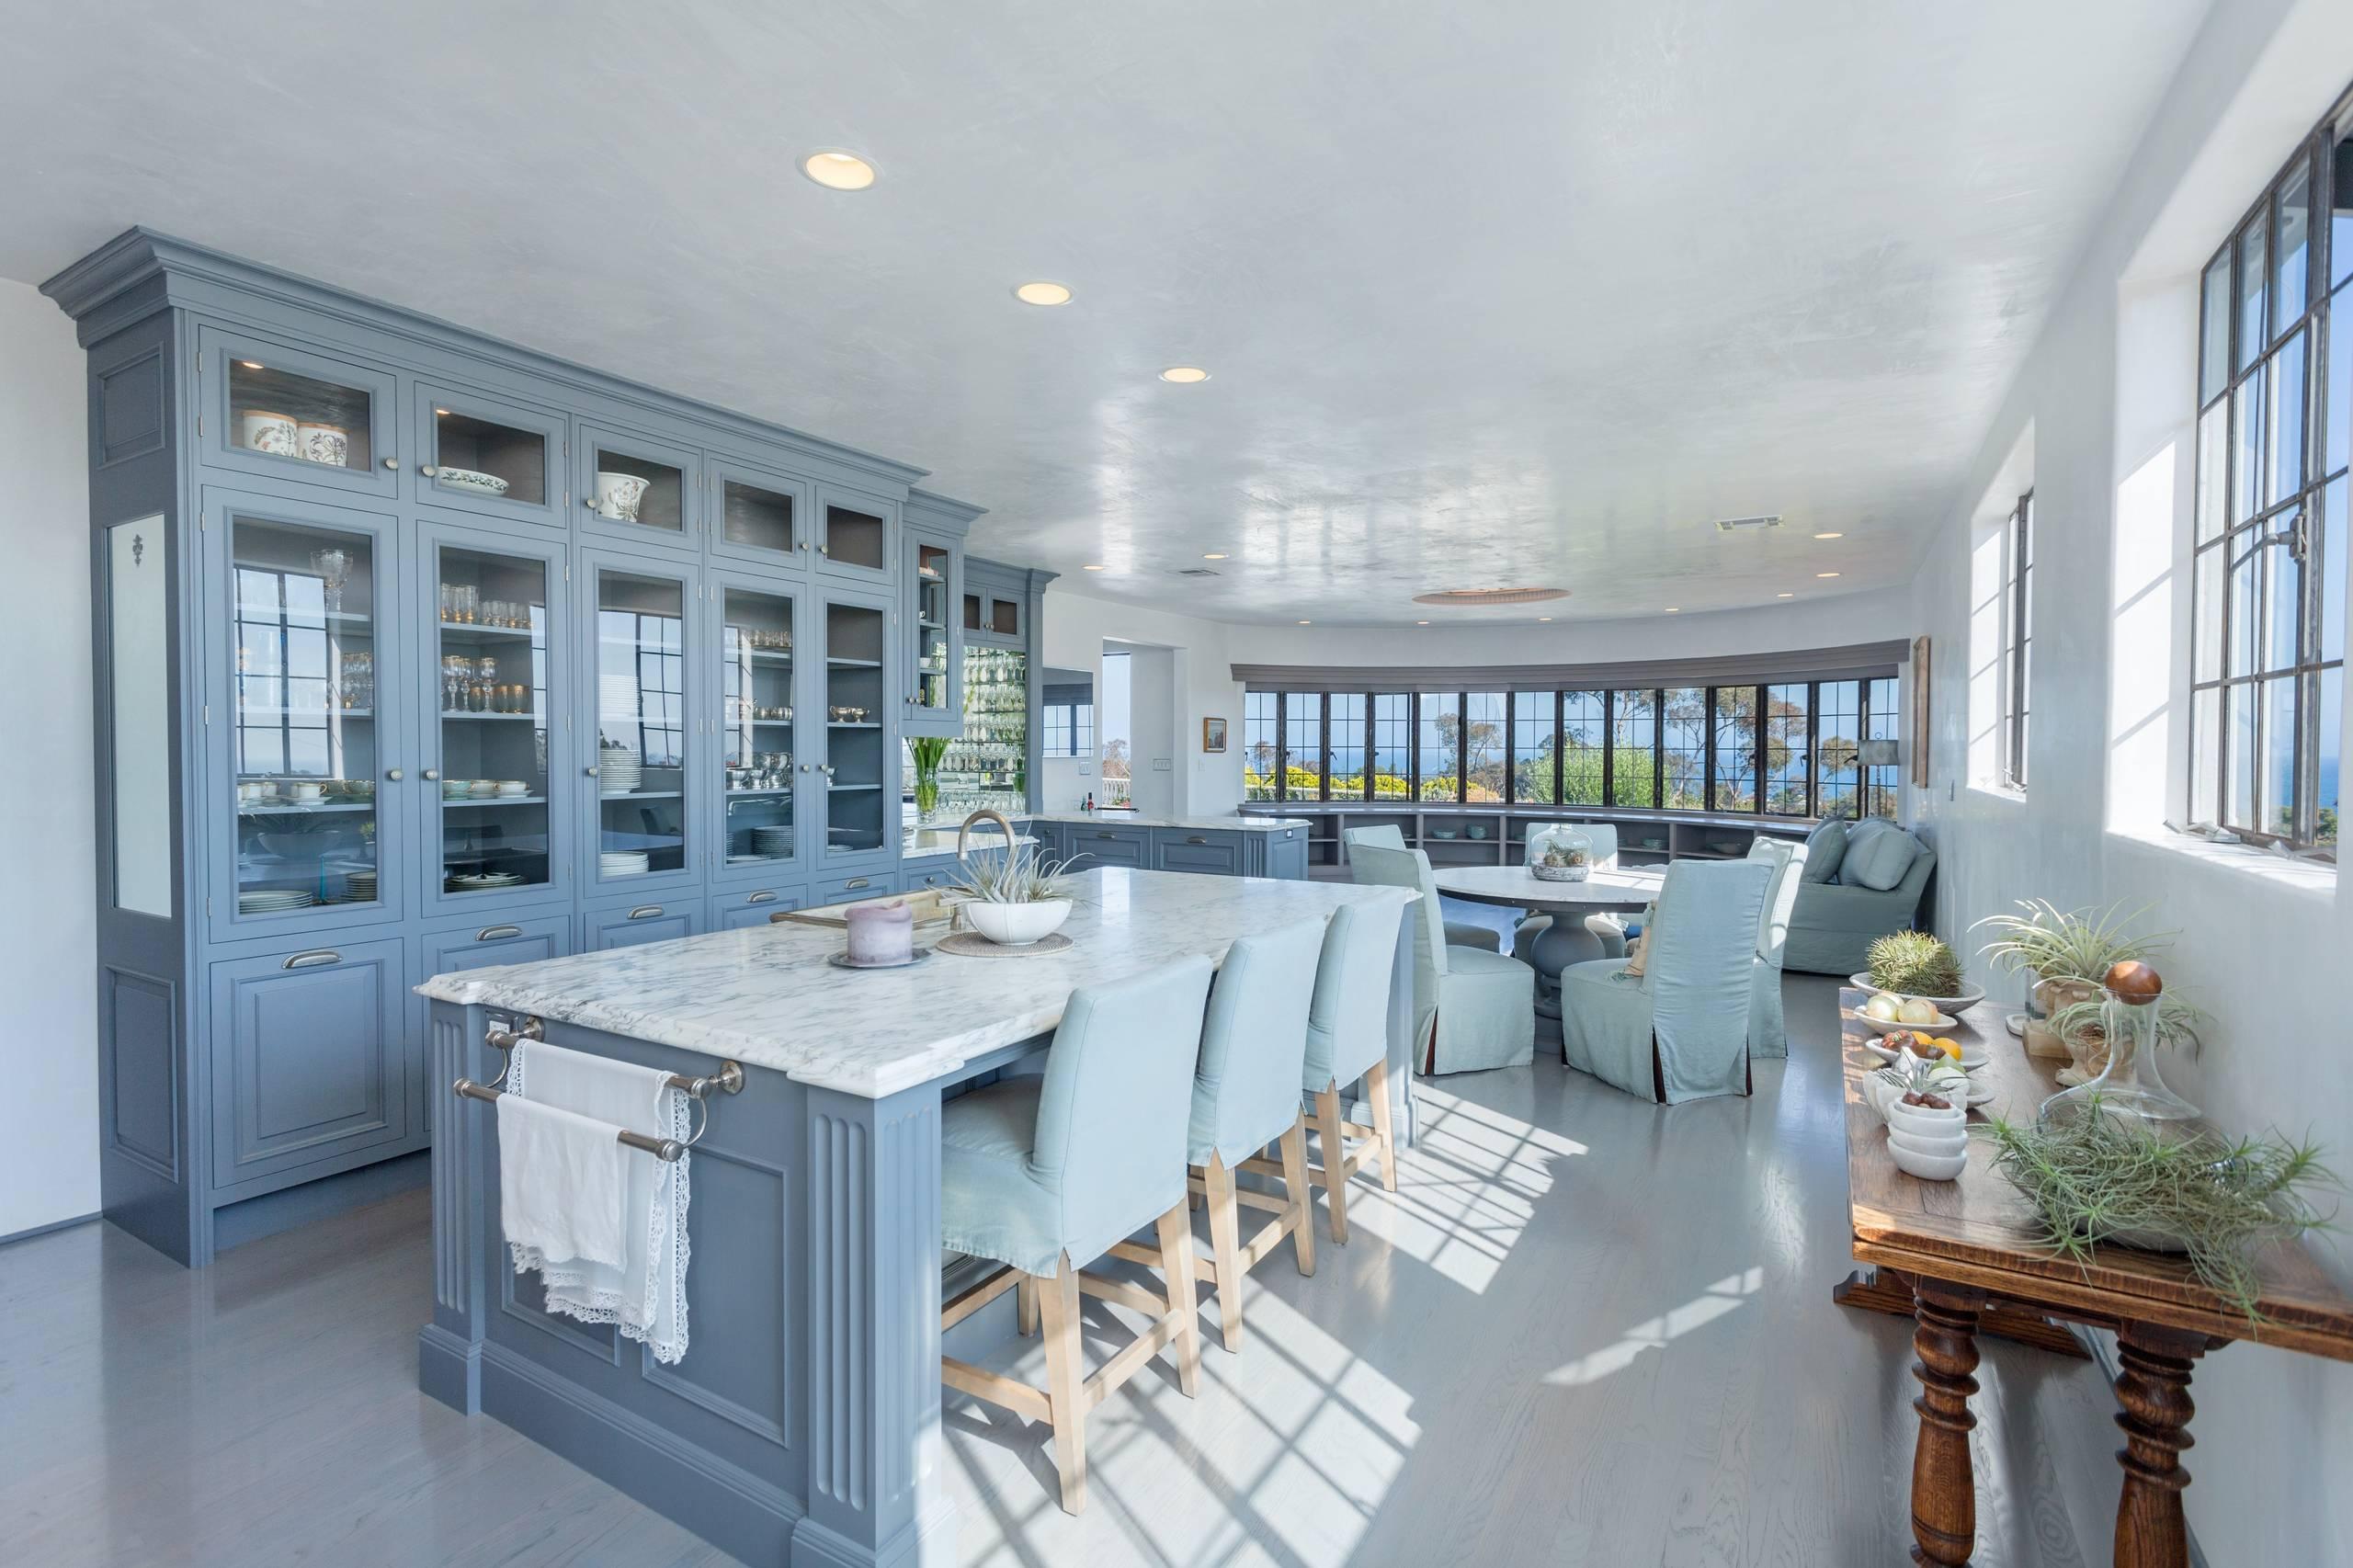 Palette de couleurs gris-bleu dans la cuisine